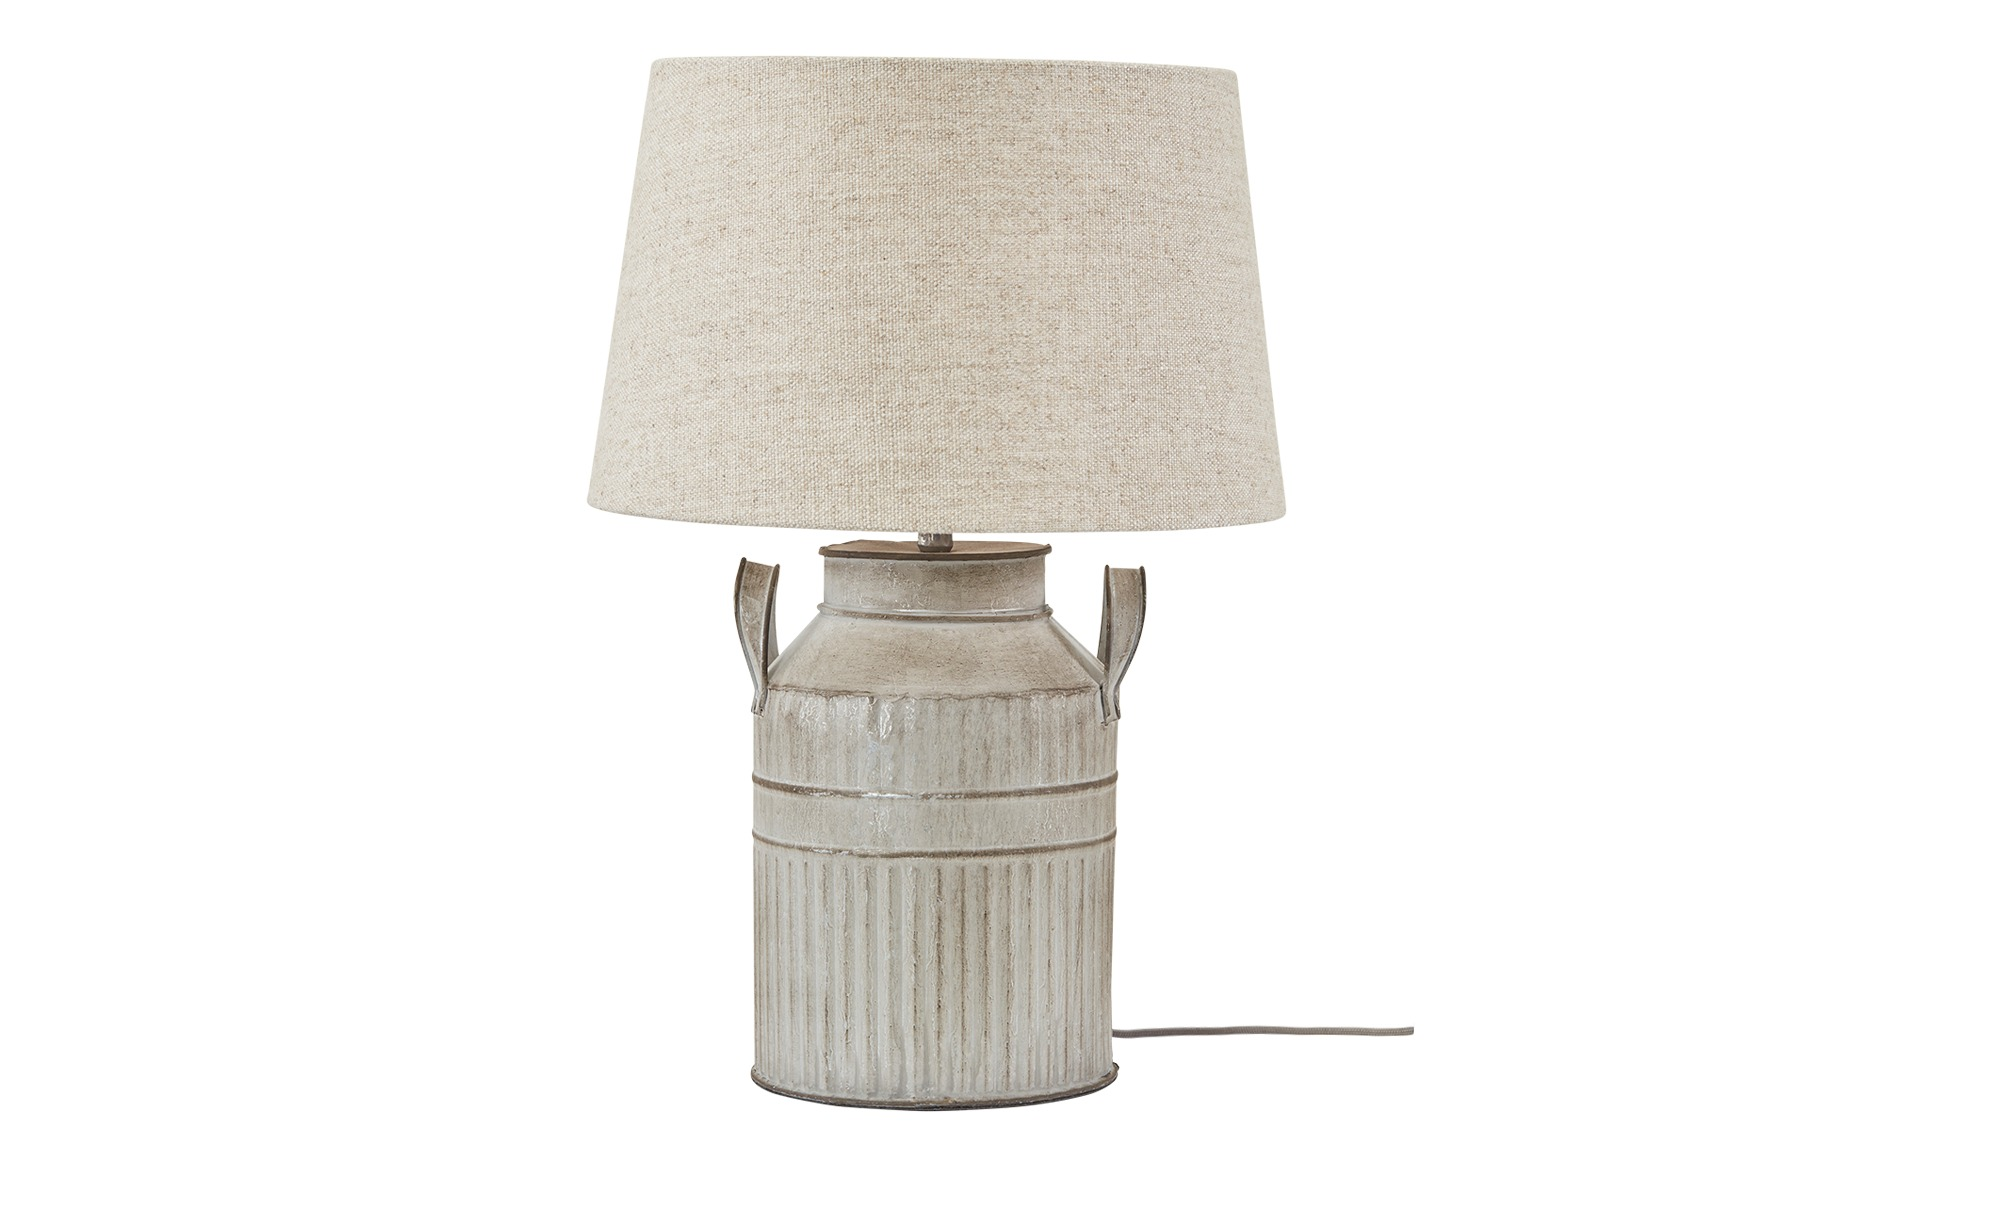 Tischleuchte, 1-flammig `Milchkanne´ groß ¦ beige ¦ Maße (cm): H: 45 Ø: 16 Lampen & Leuchten > Innenleuchten > Tischlampen - Höffner